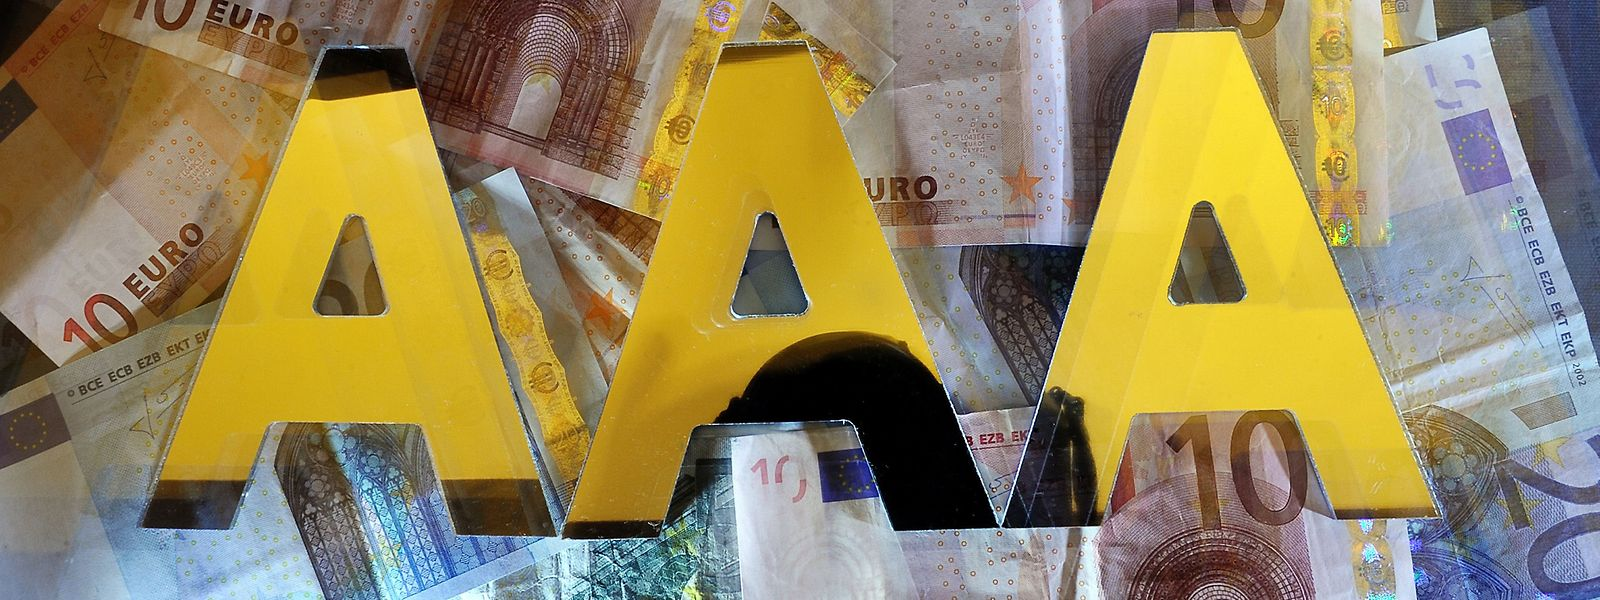 Die Agentur rechnet für die Periode von 2019 bis 2023 mit einem Wachstum des Bruttoinlandsprodukts um 2,5 Prozent.